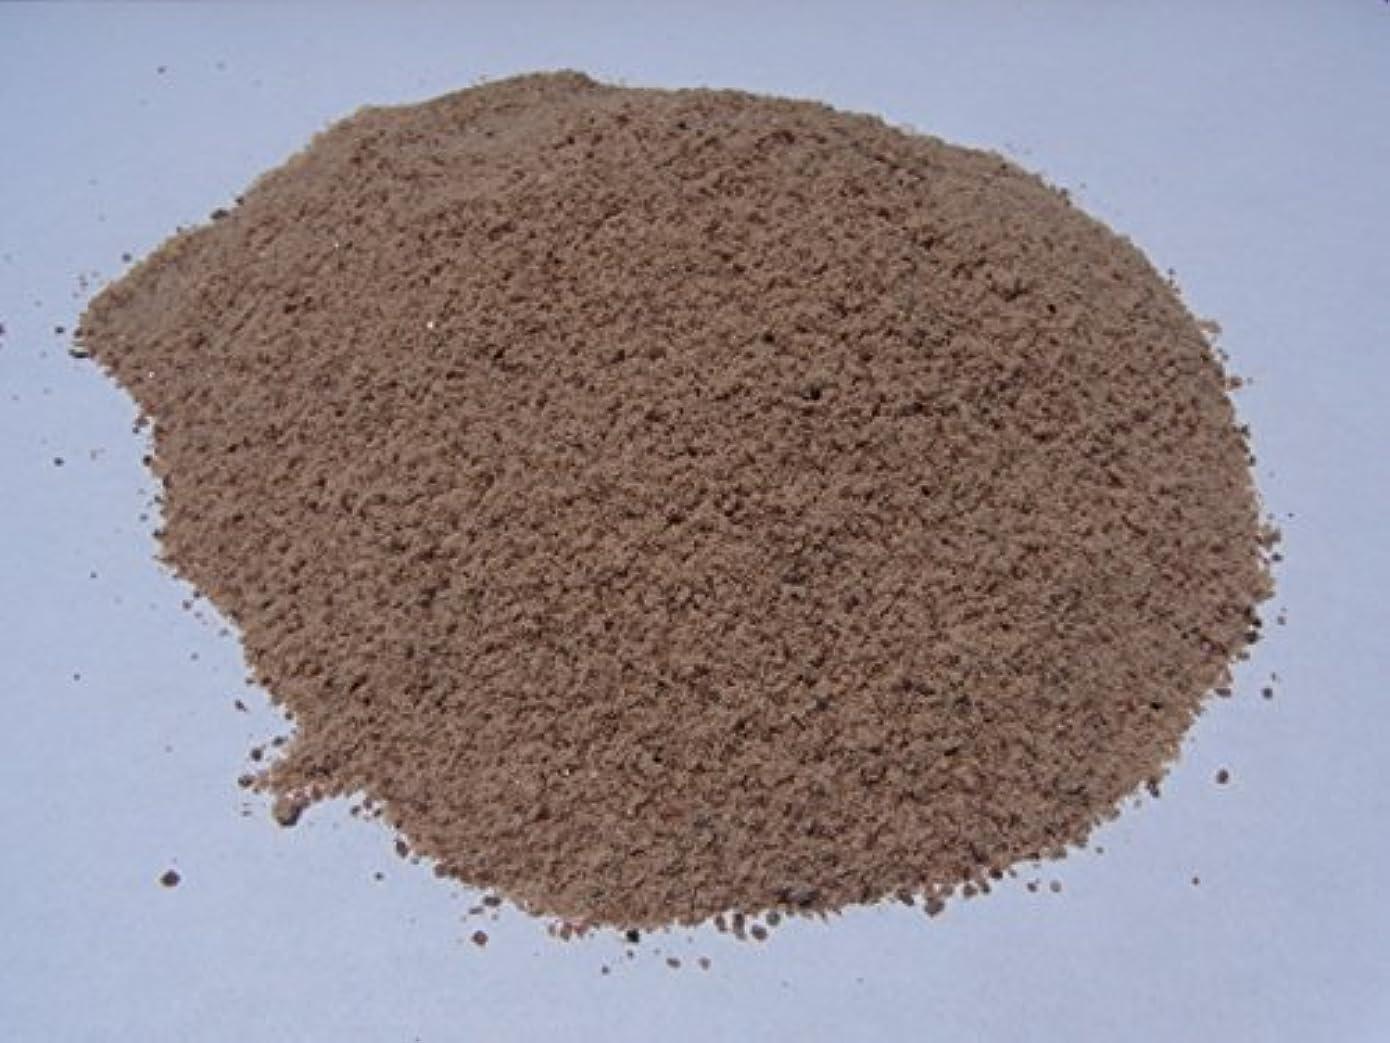 フェンスペット六ヒマラヤ岩塩1kg【ルビーソルト】 ミネラルクリスタル パウダー 細粒 バスソルト